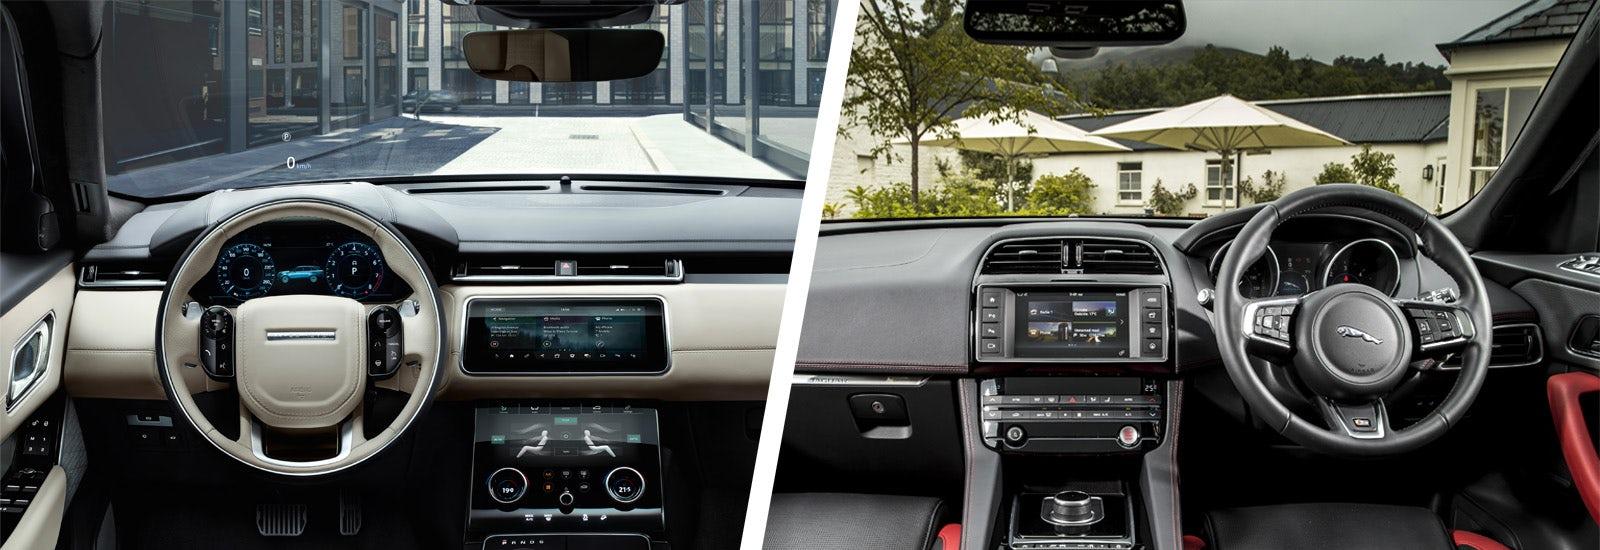 Range rover velar vs jaguar f pace suv comparison carwow for Interior range rover velar